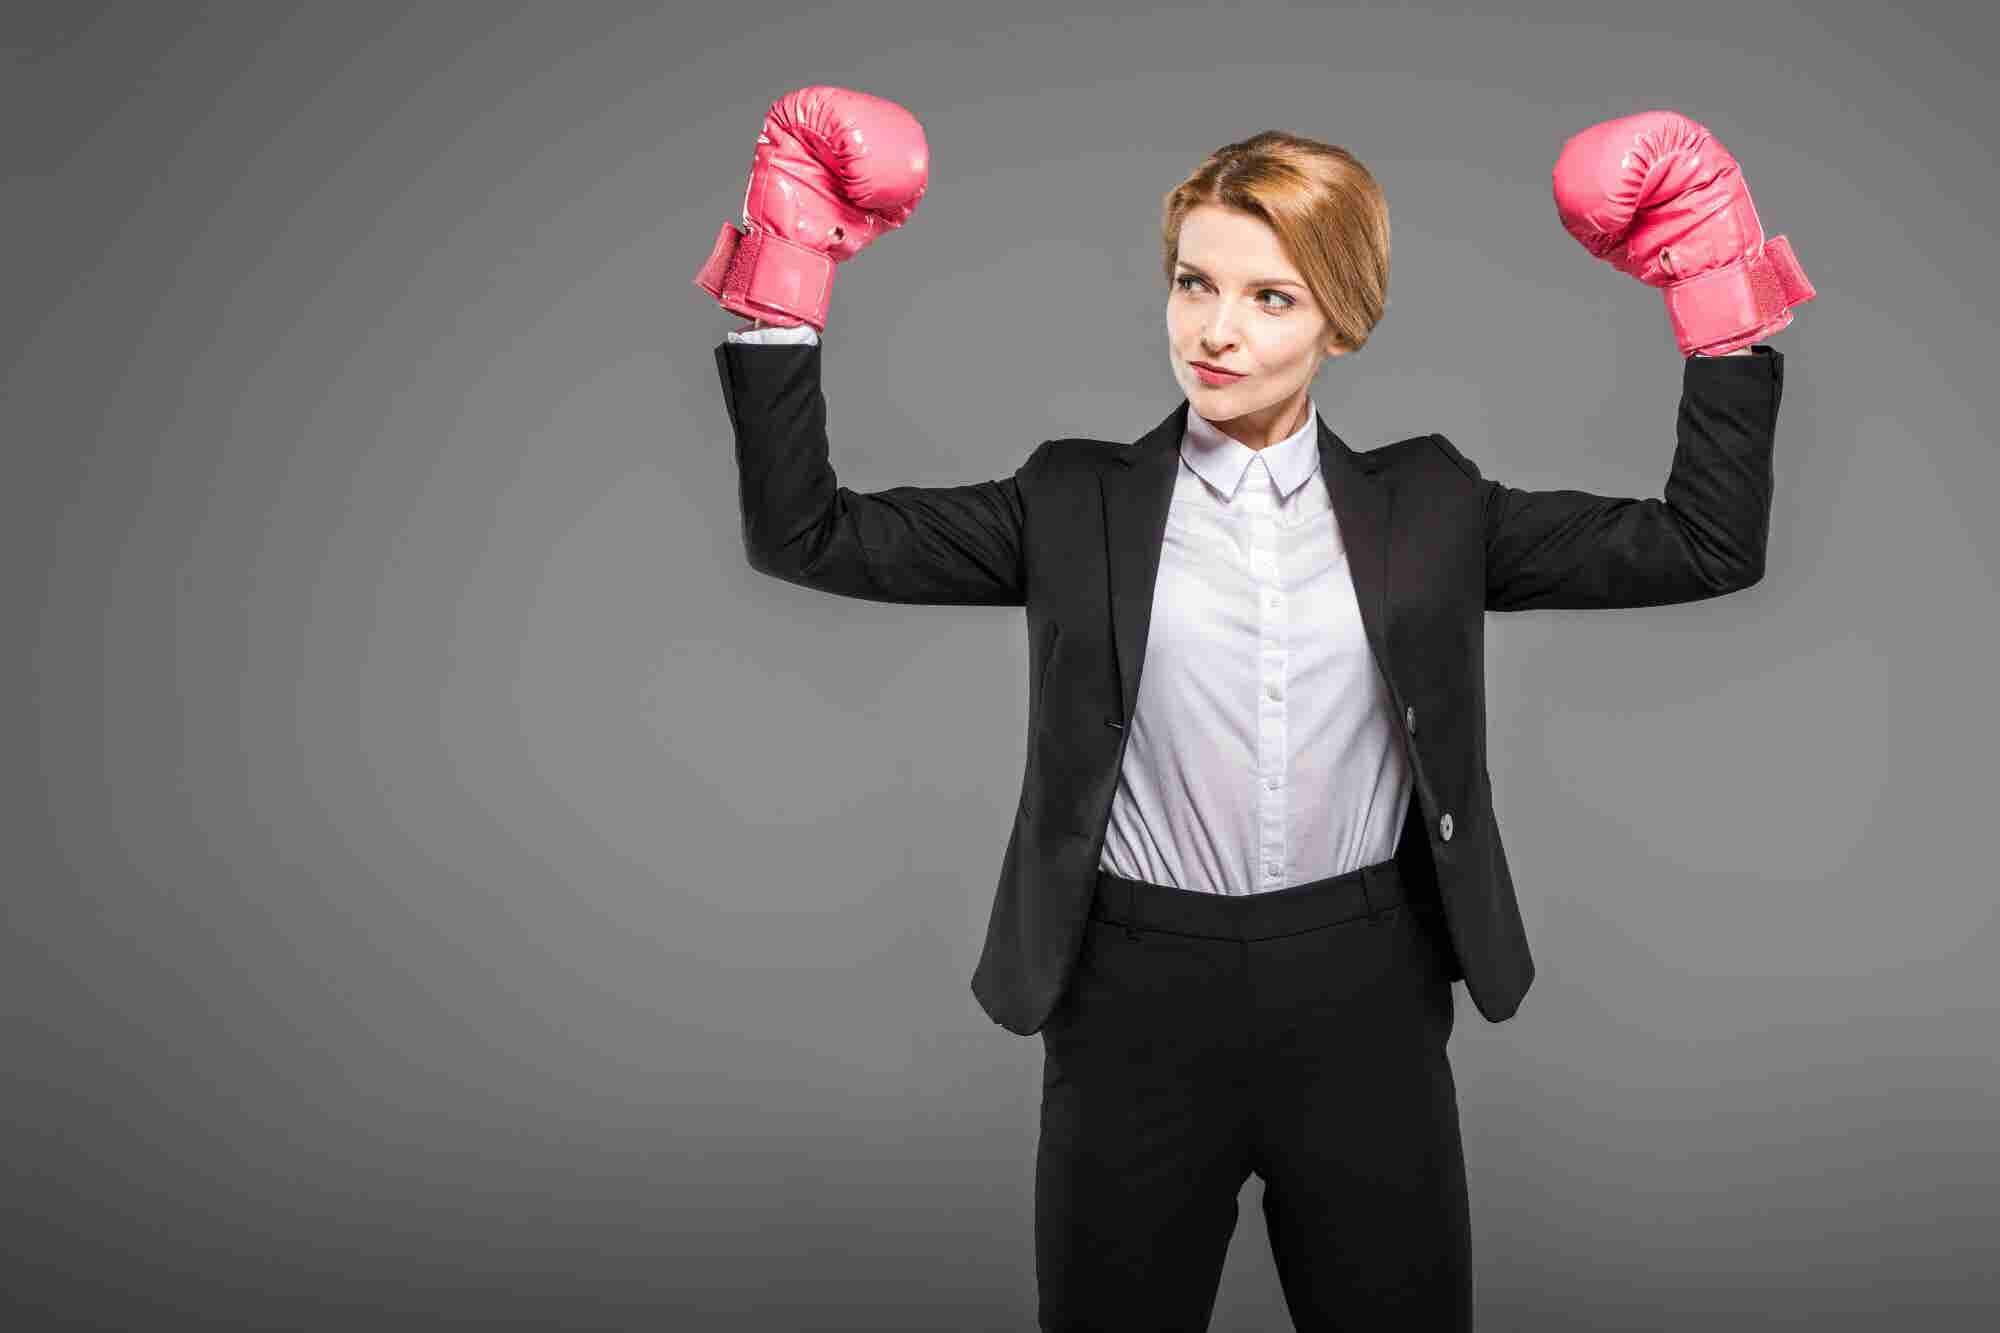 Esta es la forma de proteger tu carrera de los que tratan de pisotearla